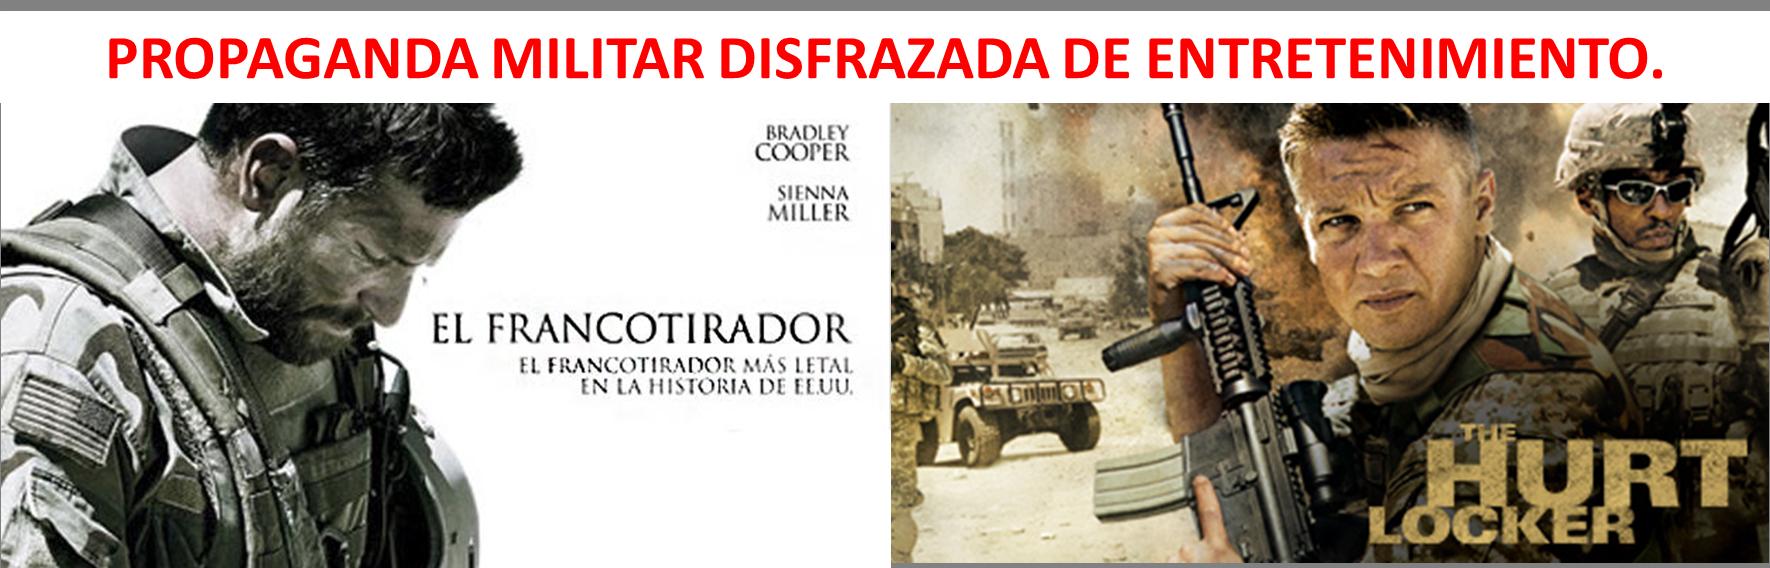 Propaganda militar disfrazada de entretenimiento